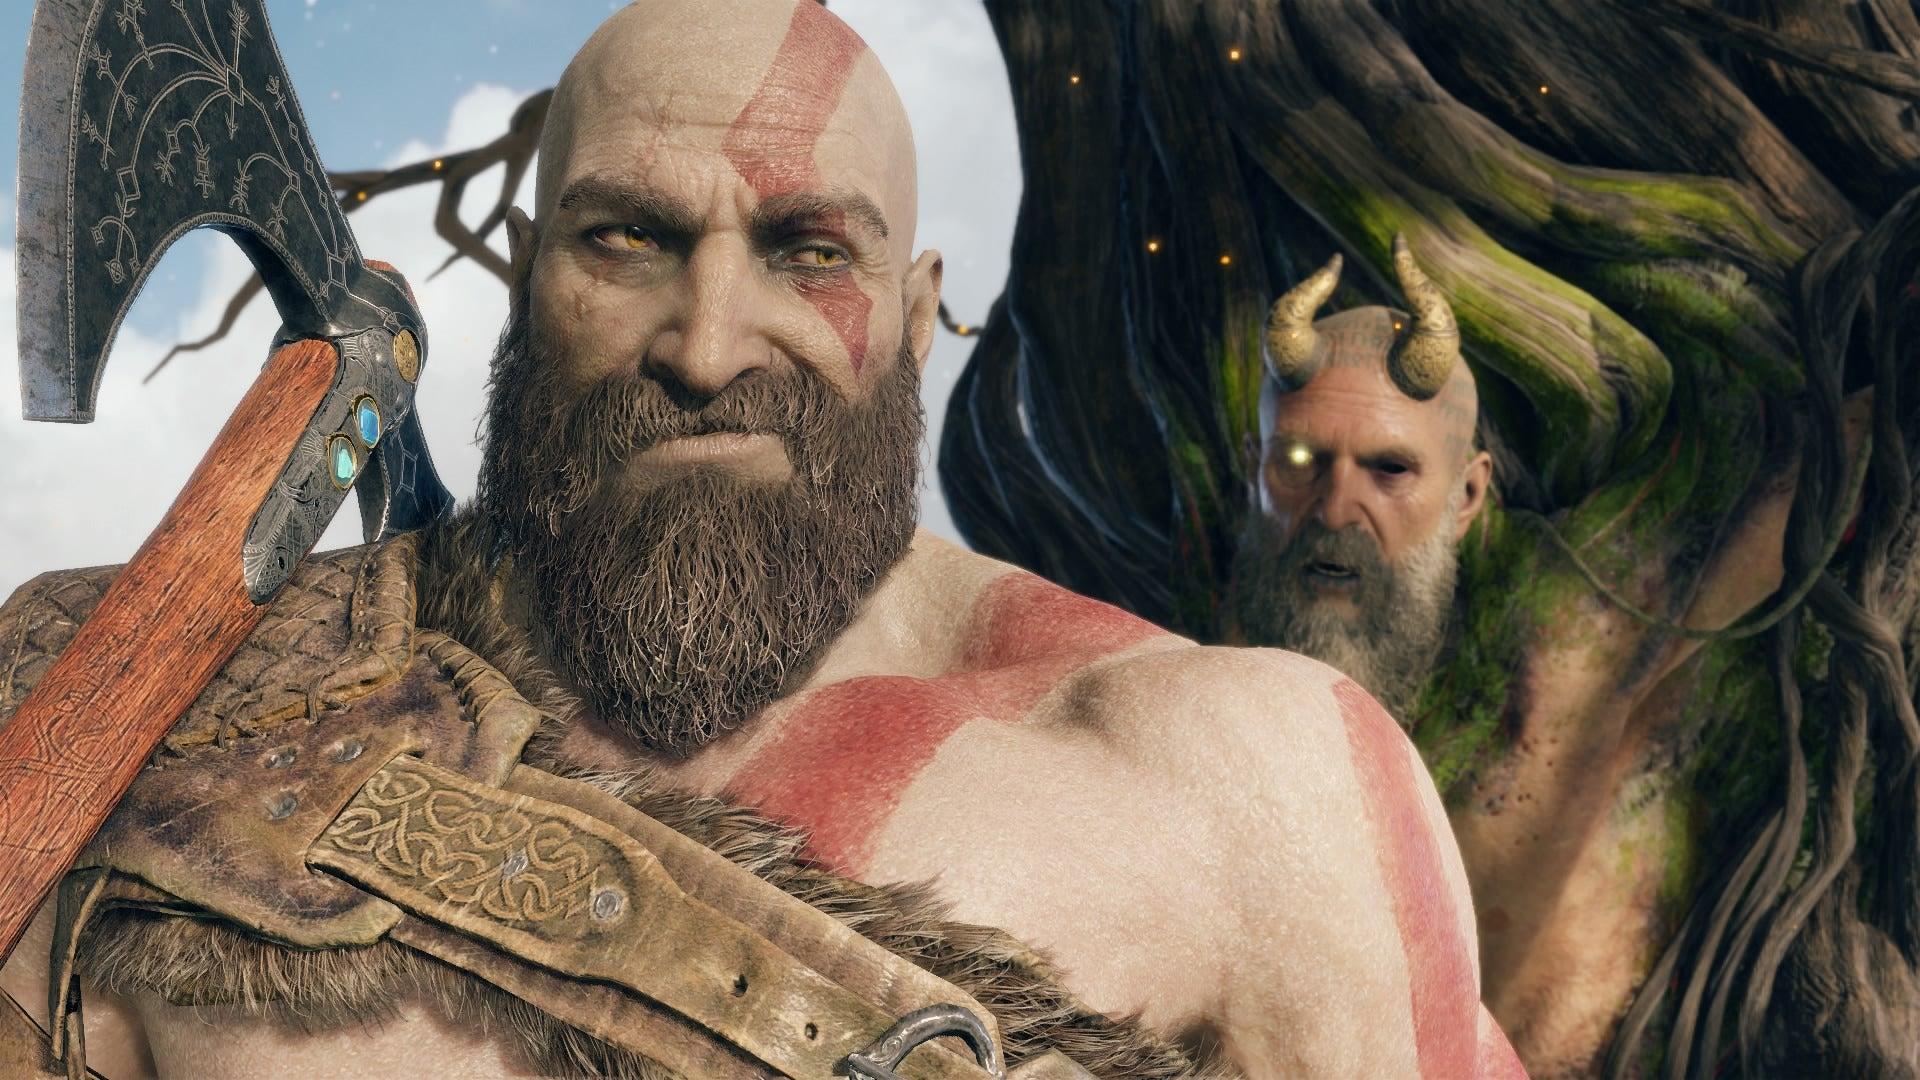 Image for Fortnite made $296 million in April and God of War sold 2.1M digital units - SuperData